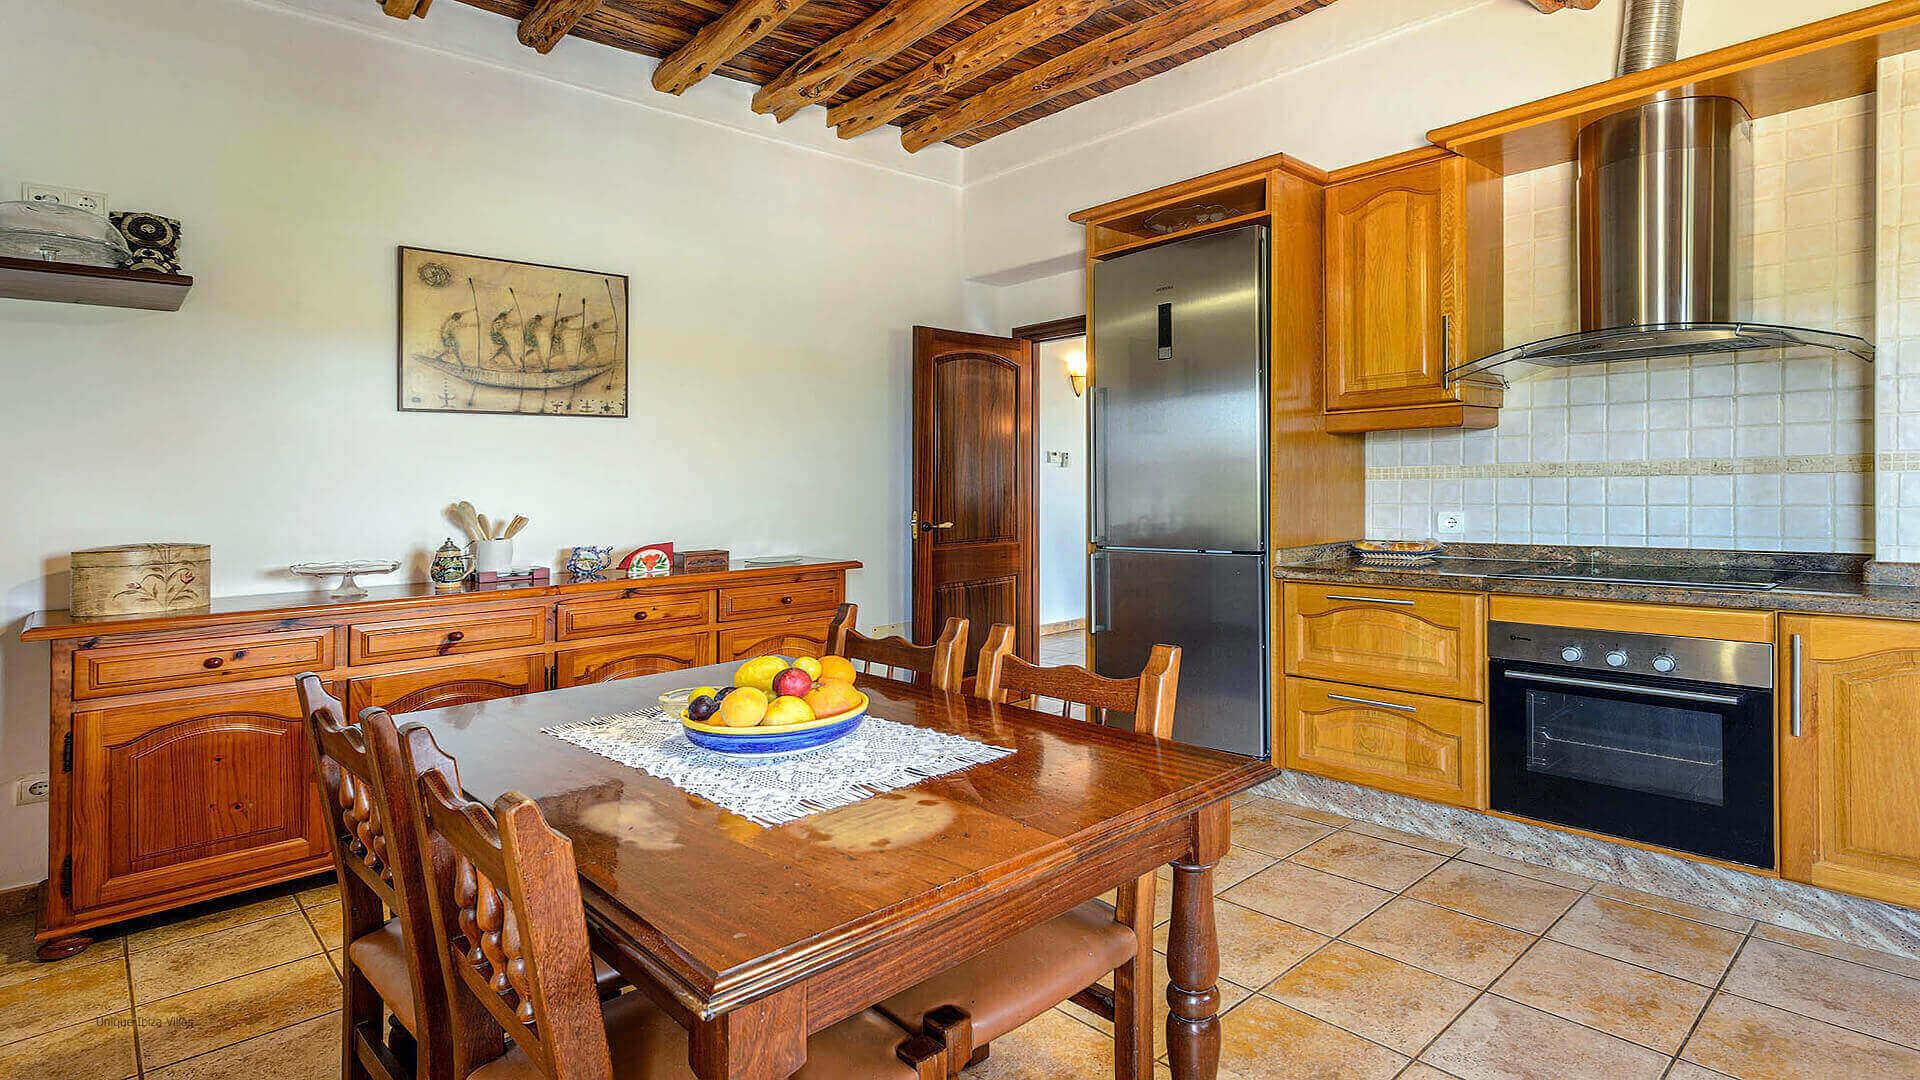 Curreu III Ibiza 22 Santa Gertrudis